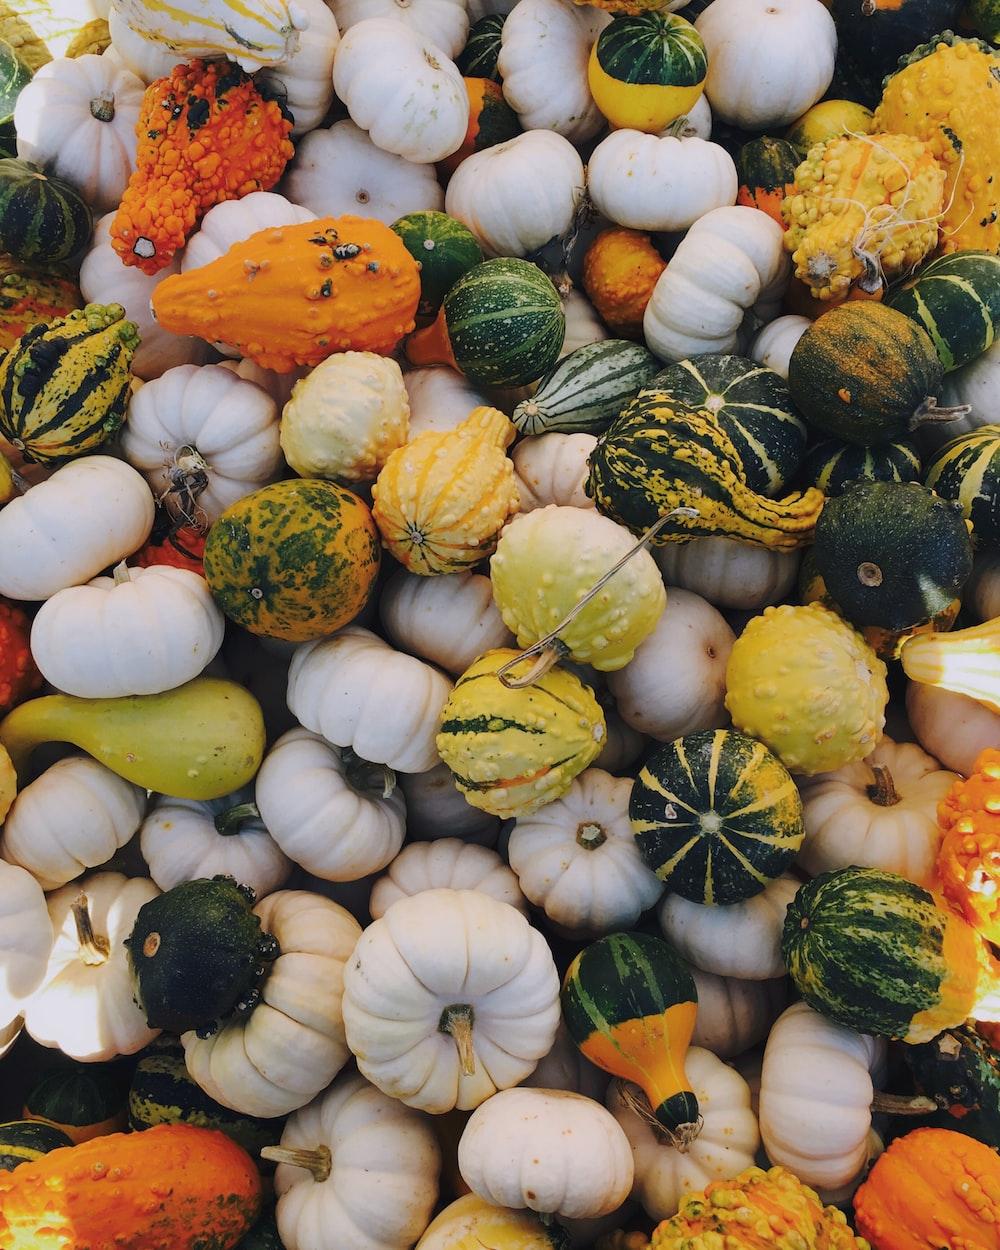 green, white, and orange squash